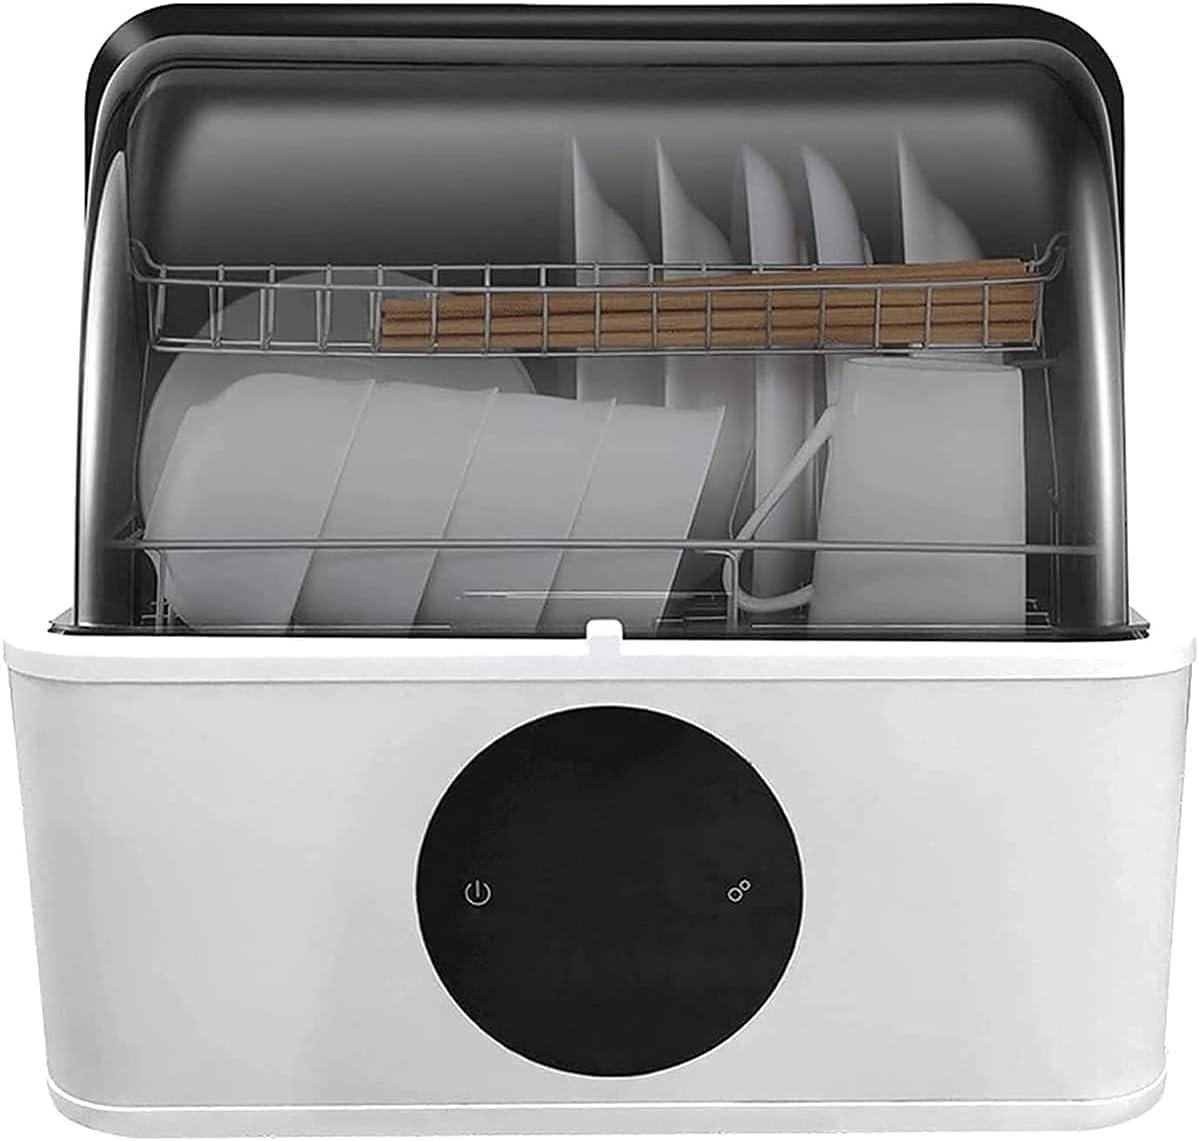 MOSHUO Lavavajillas portátil de Escritorio, lavavajillas doméstico de desinfección pequeña sin instalación automática, Adecuado para Lavar Frutas, Verduras y vajilla